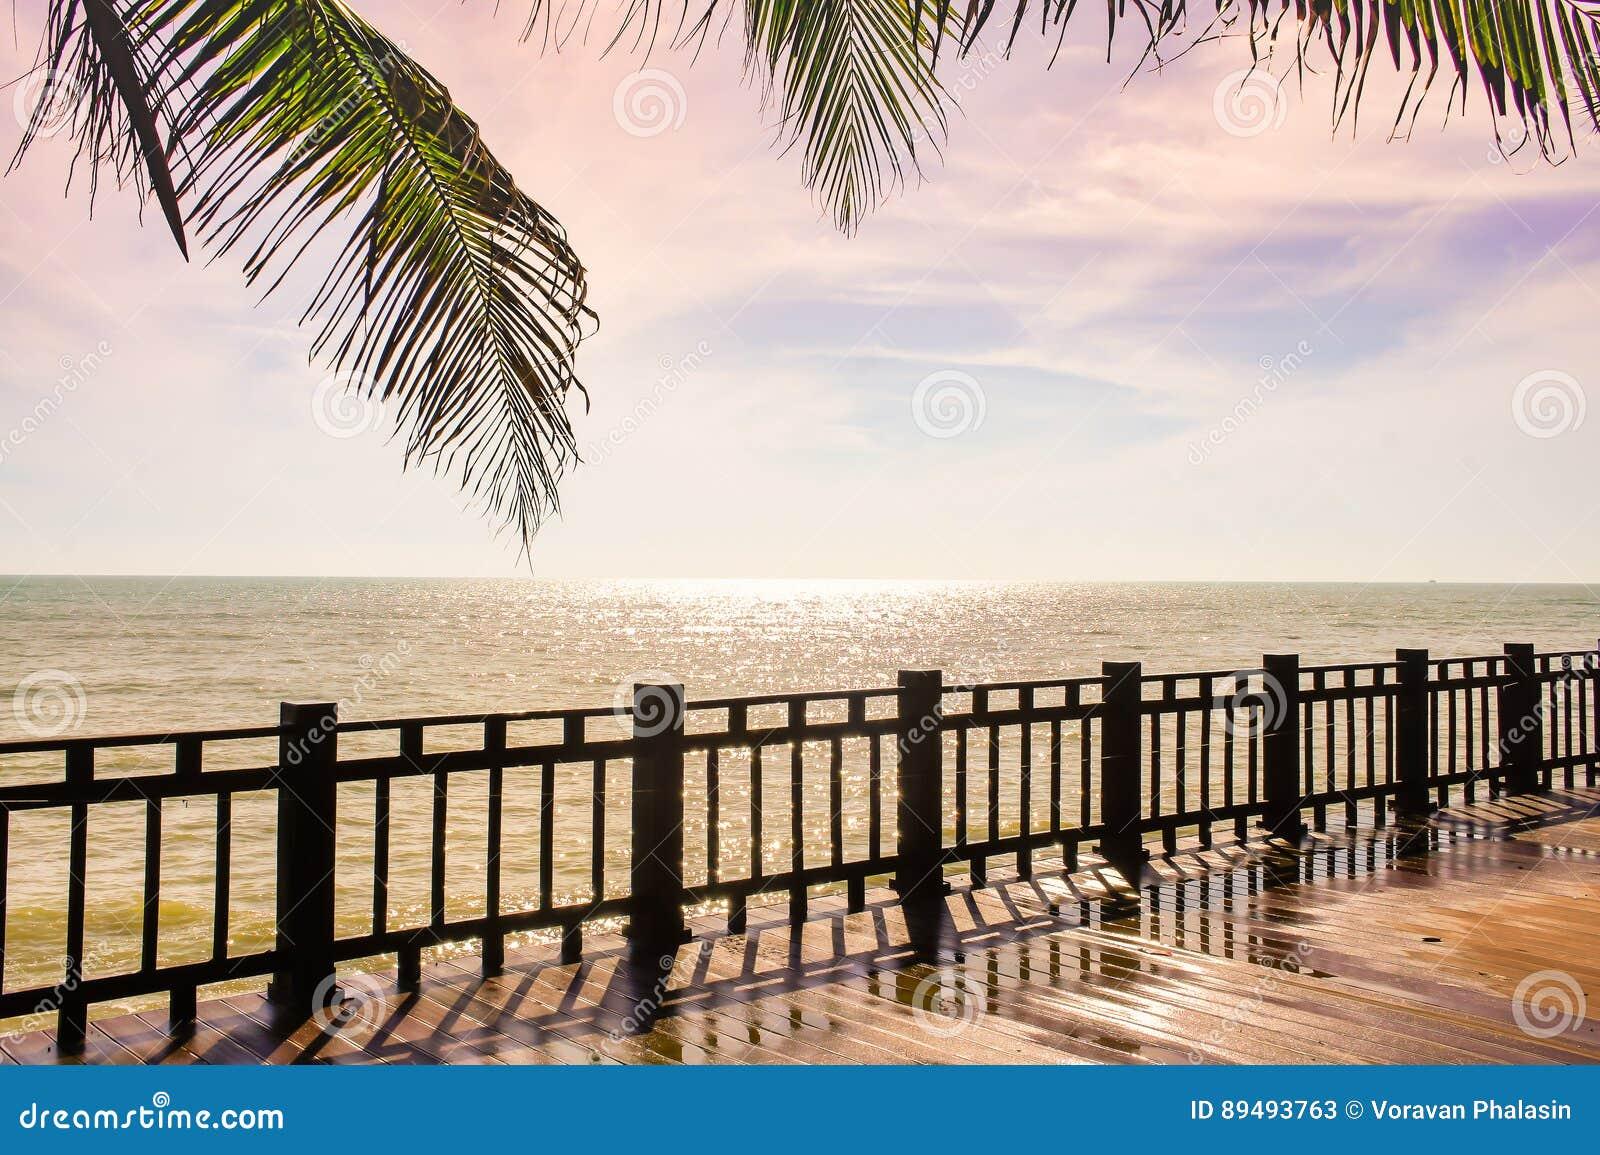 Terraza De Madera En La Playa Que Mira Al Mar Chispeante